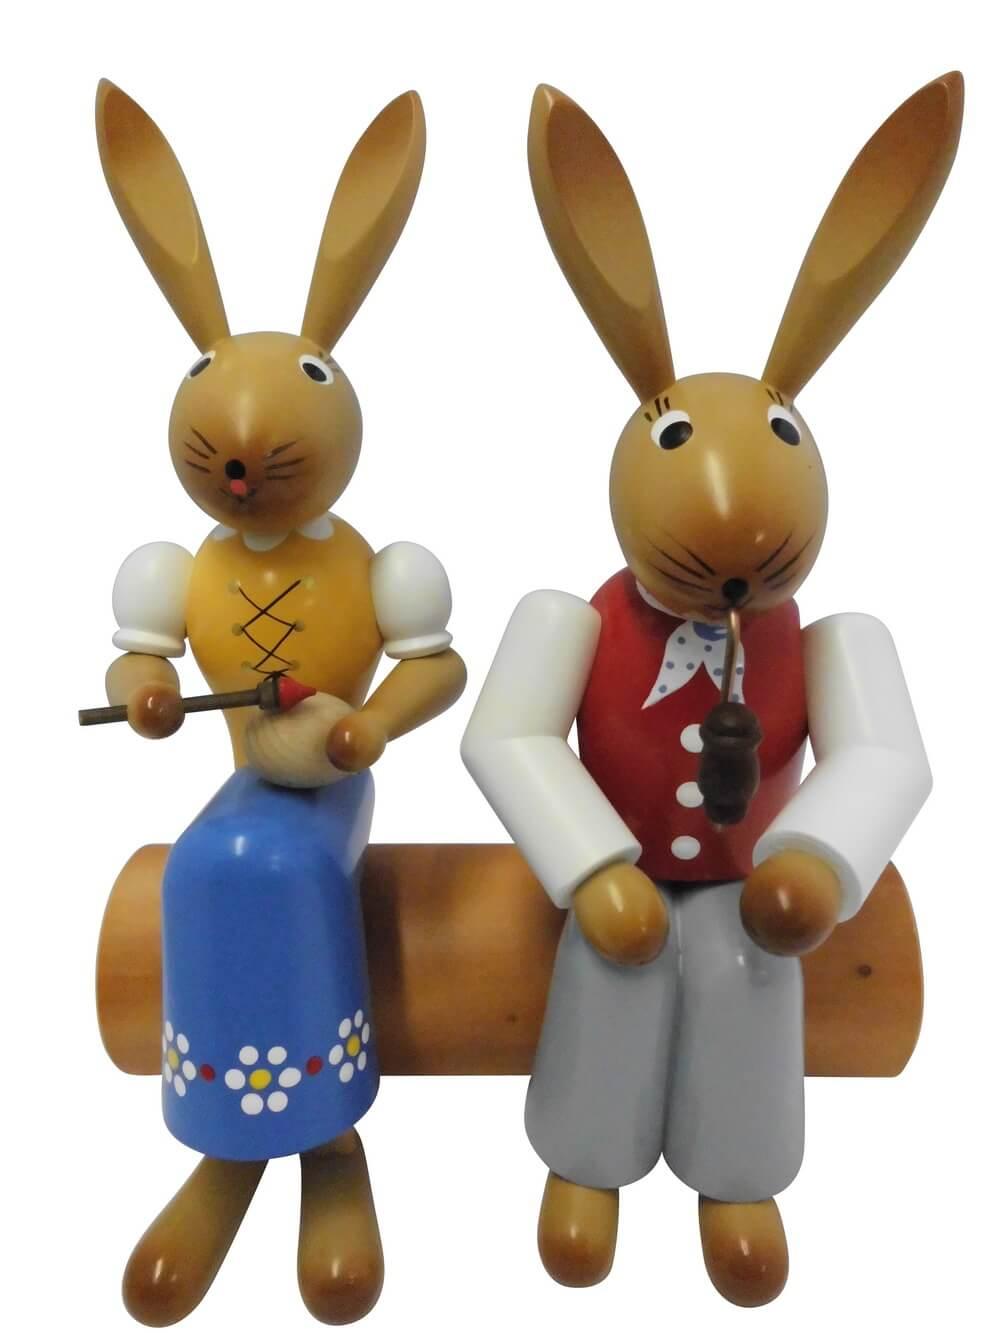 Osterhasenpaar von Nestler-Seiffe, sitzend auf Baumstamm, 24 cm